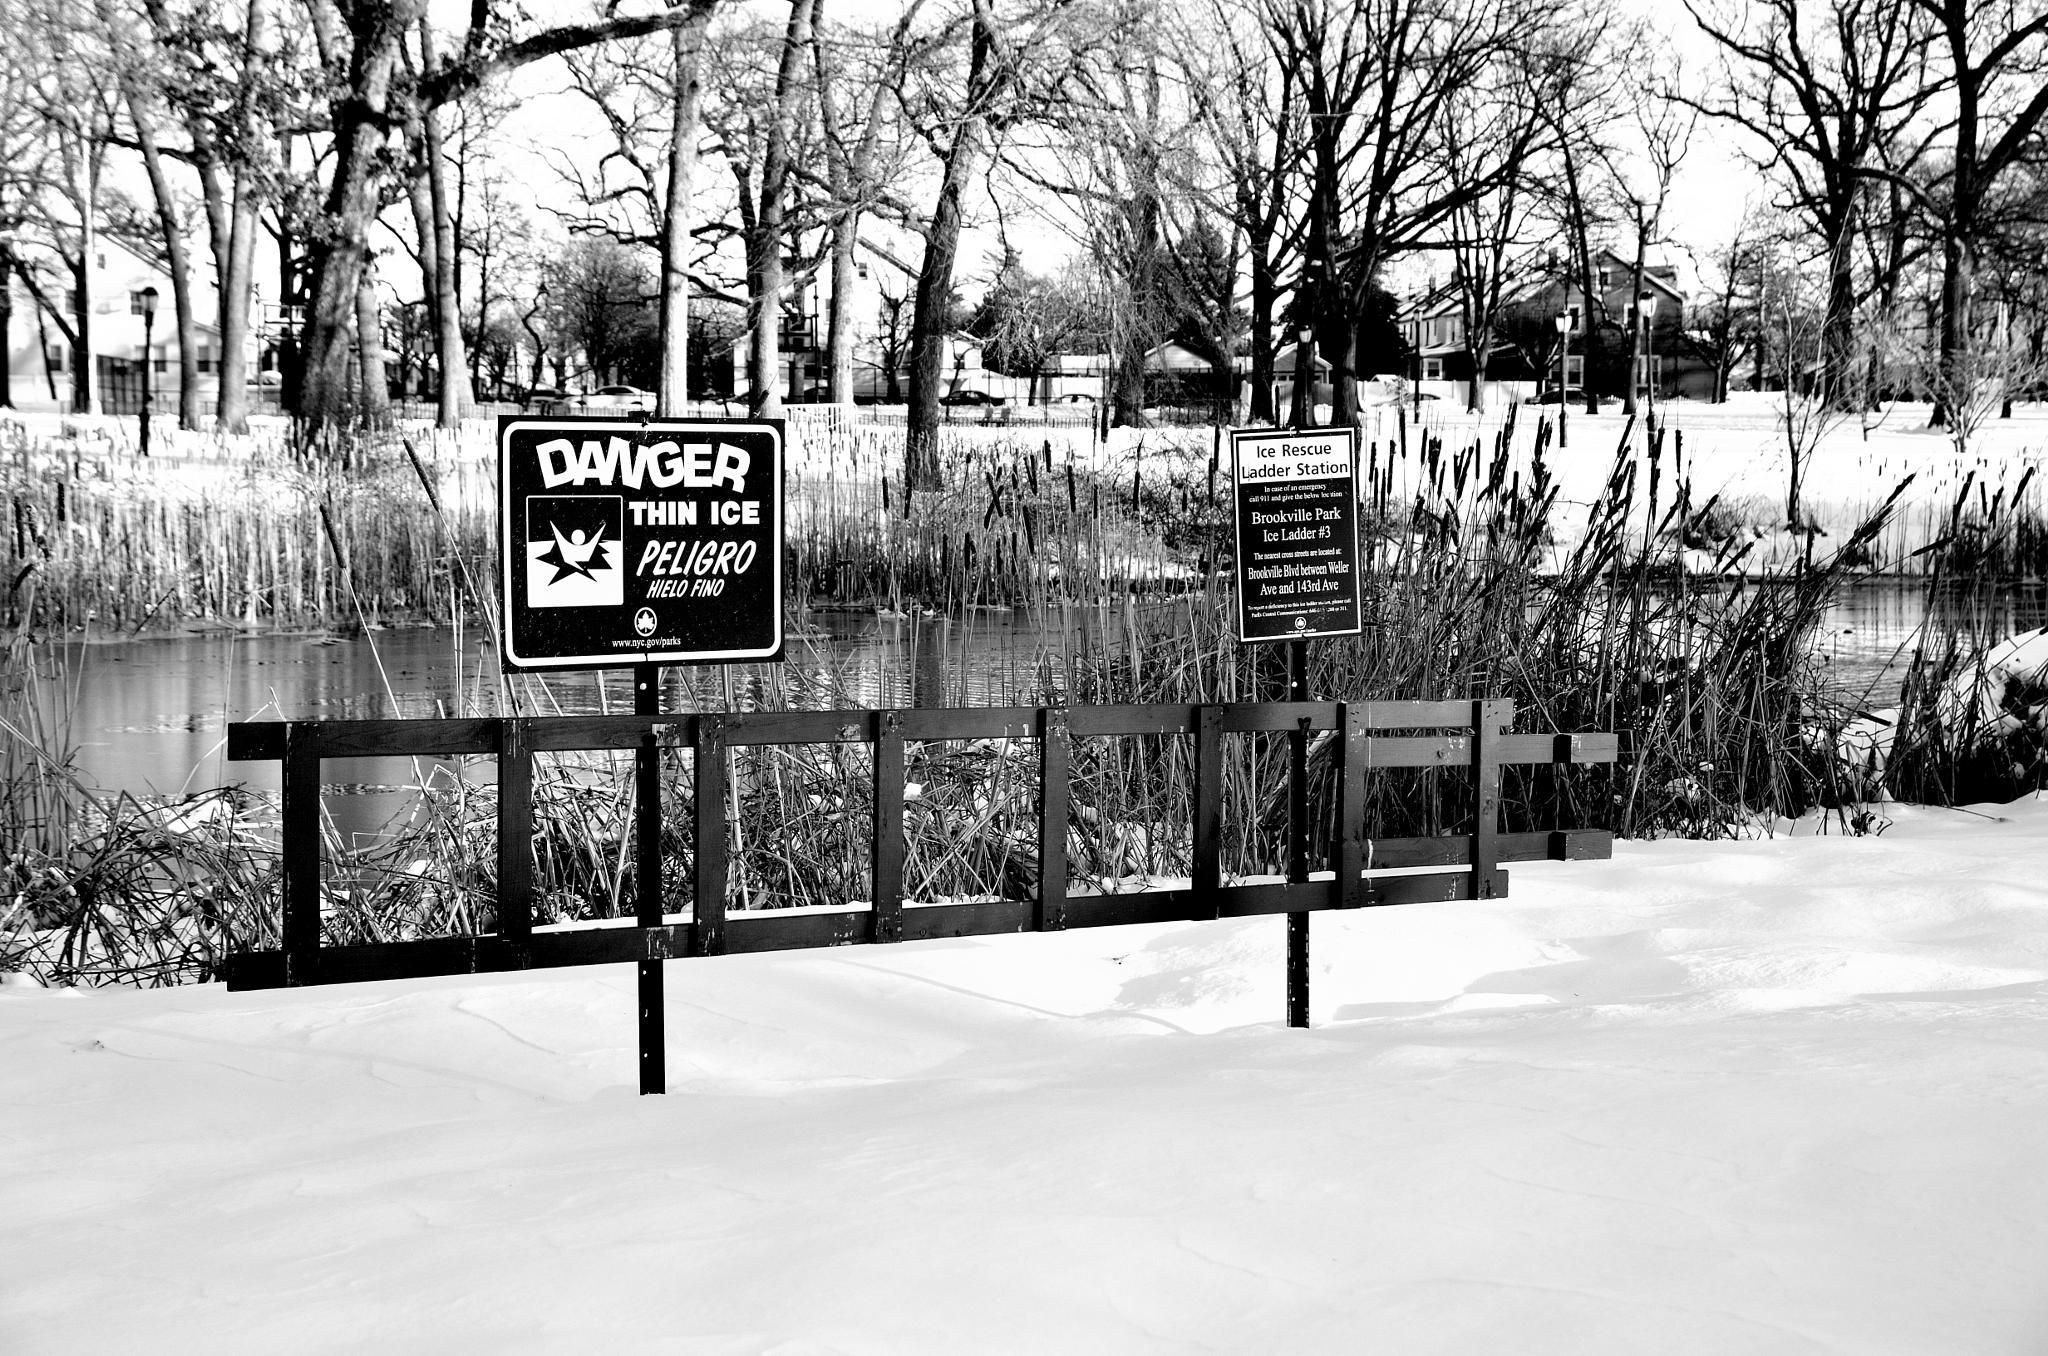 frozen pond by Etonam